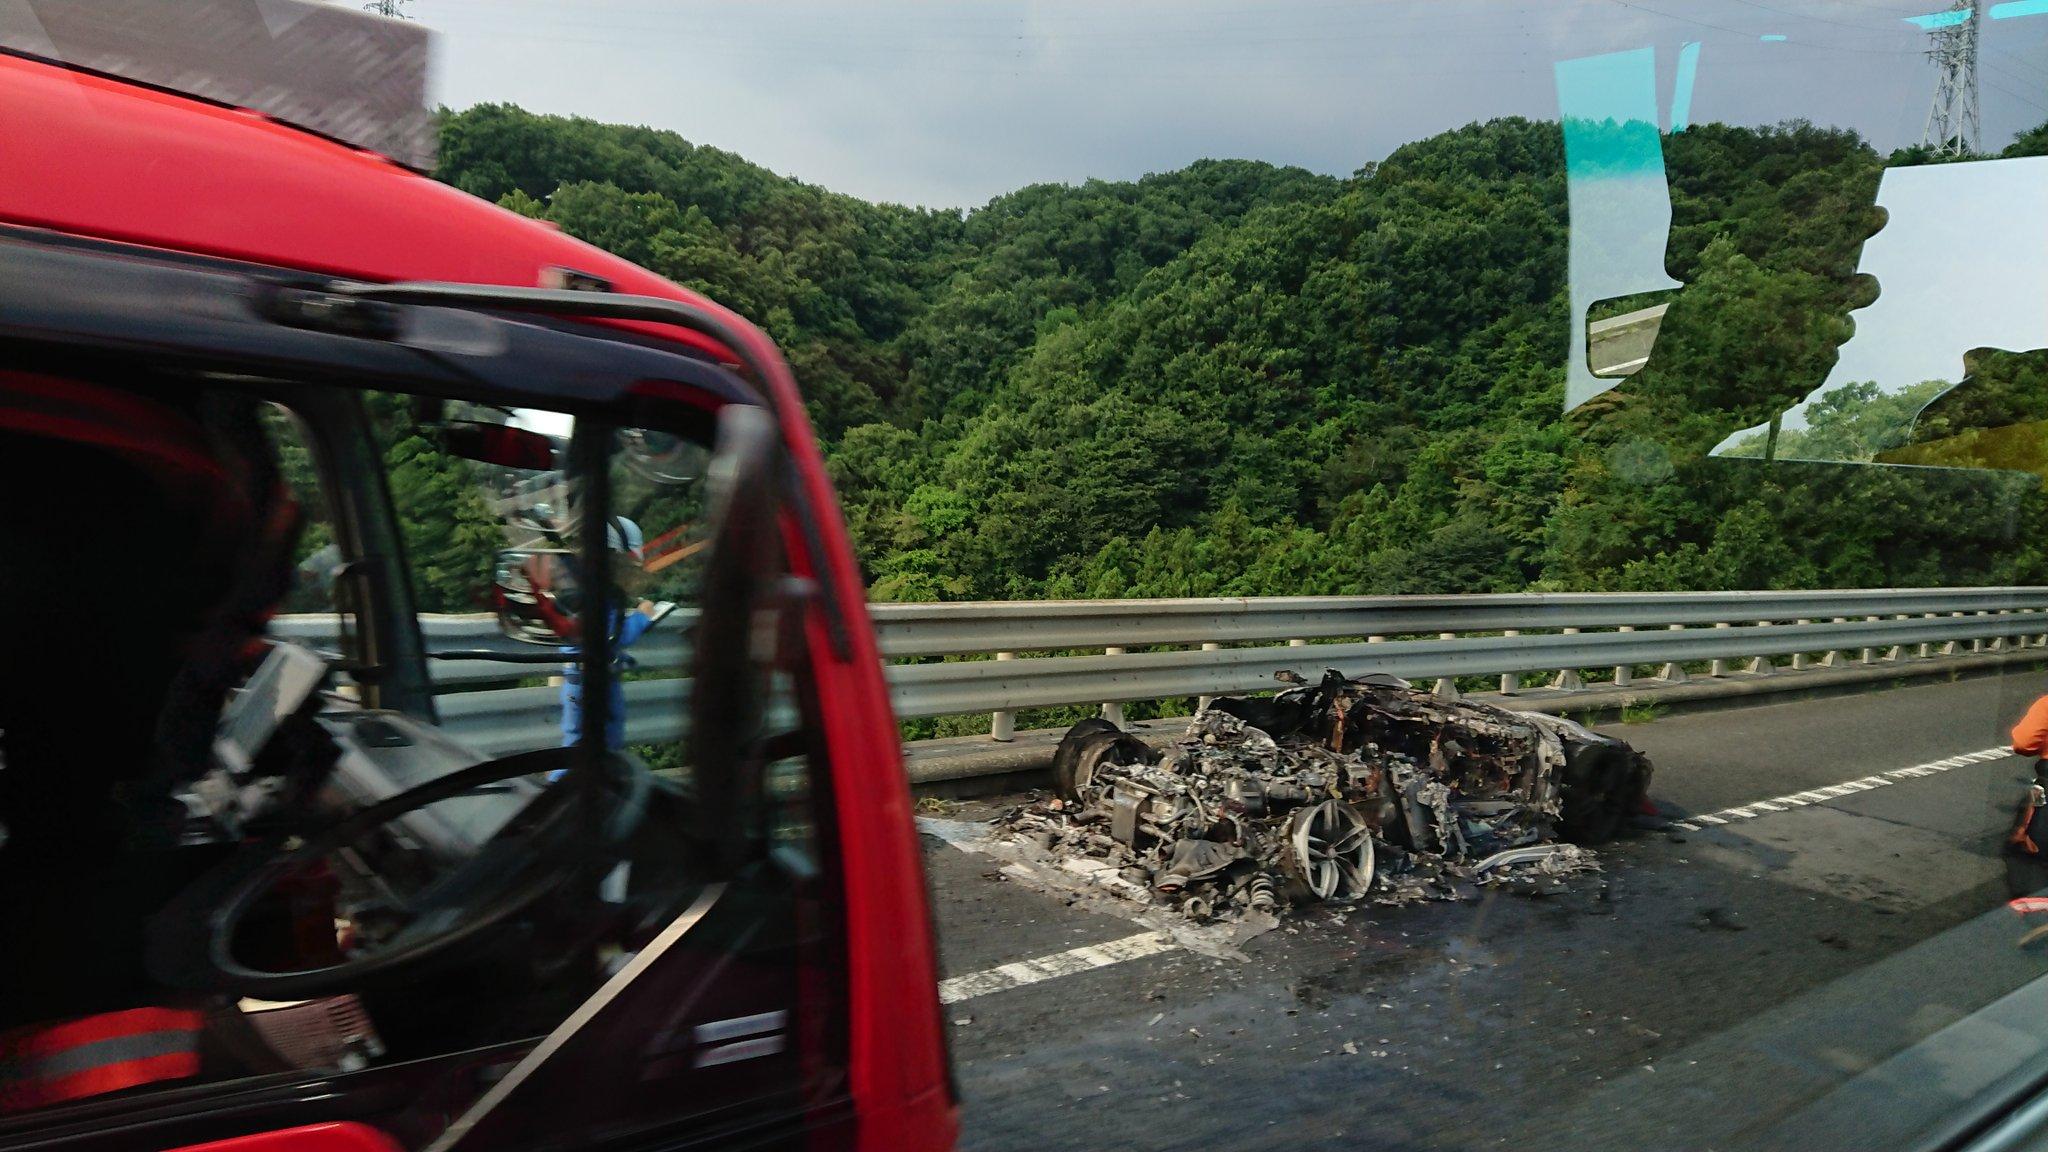 画像,火災渋滞でフェラーリが燃えてるとのことでどうなってるんだと思ったら跡形もなかった… https://t.co/q4Fy0HLchq…